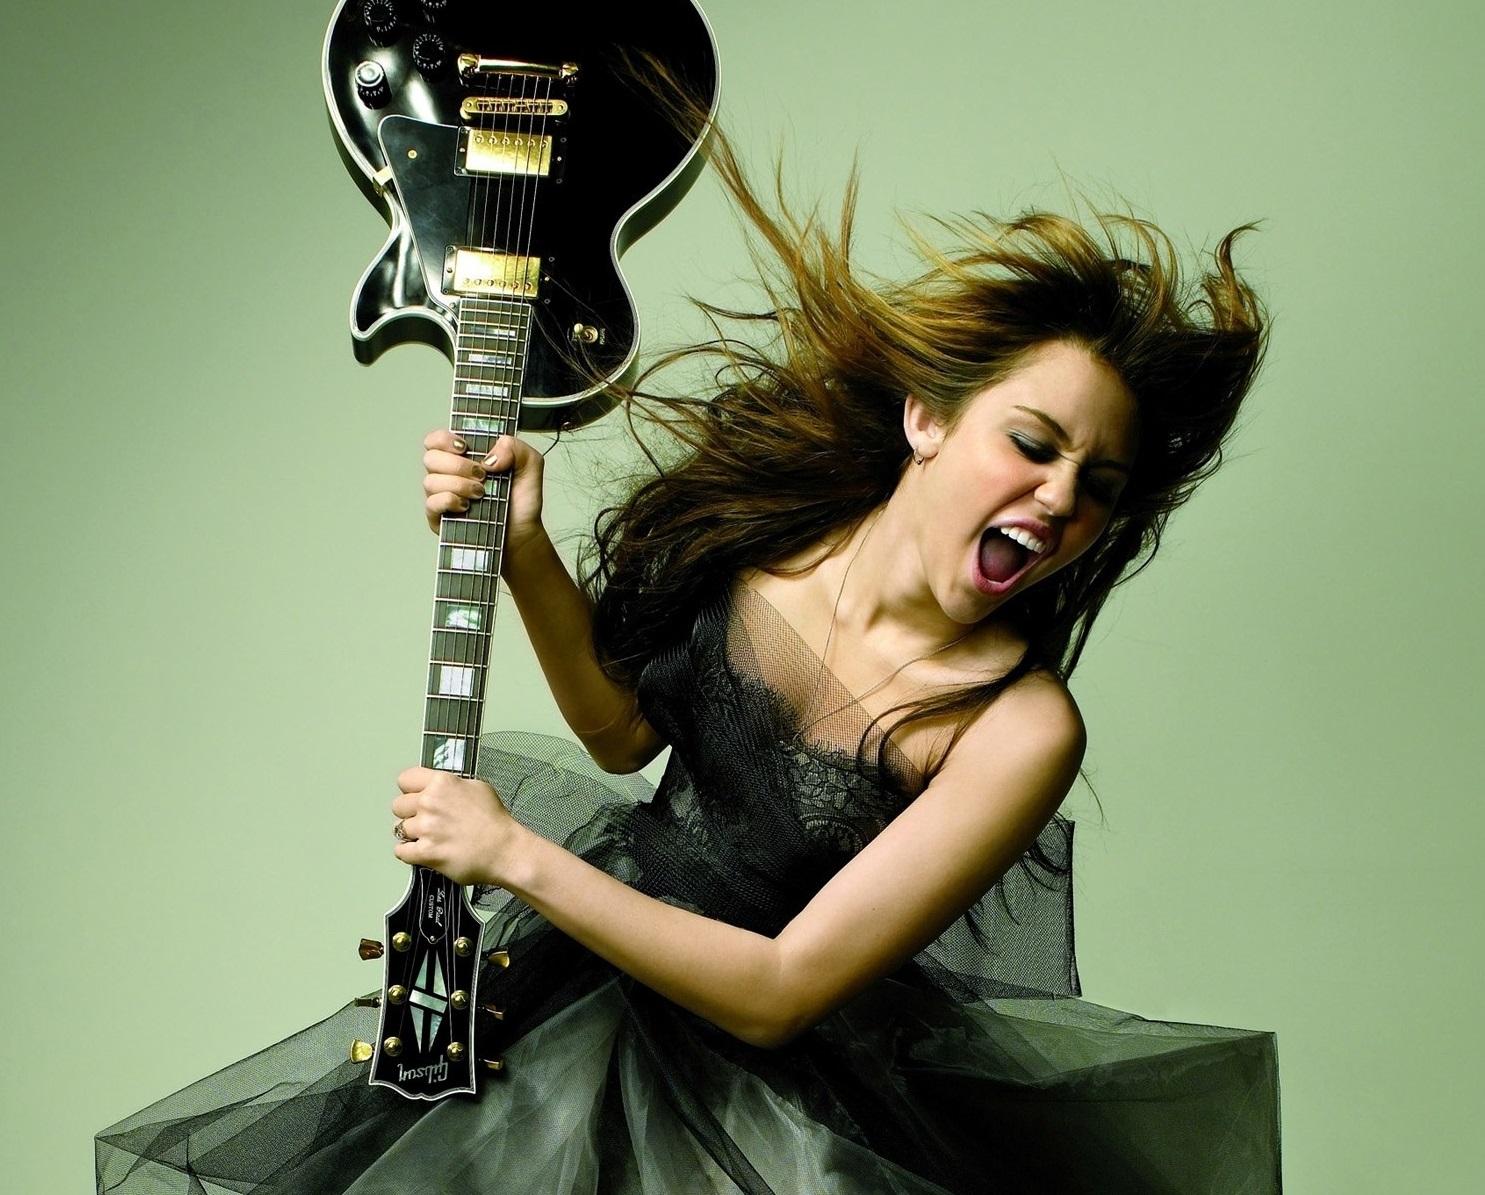 влияние рок-музыки на сознание людей, влияние рок-музыки на молодежь, рок-музыка и сатанизм